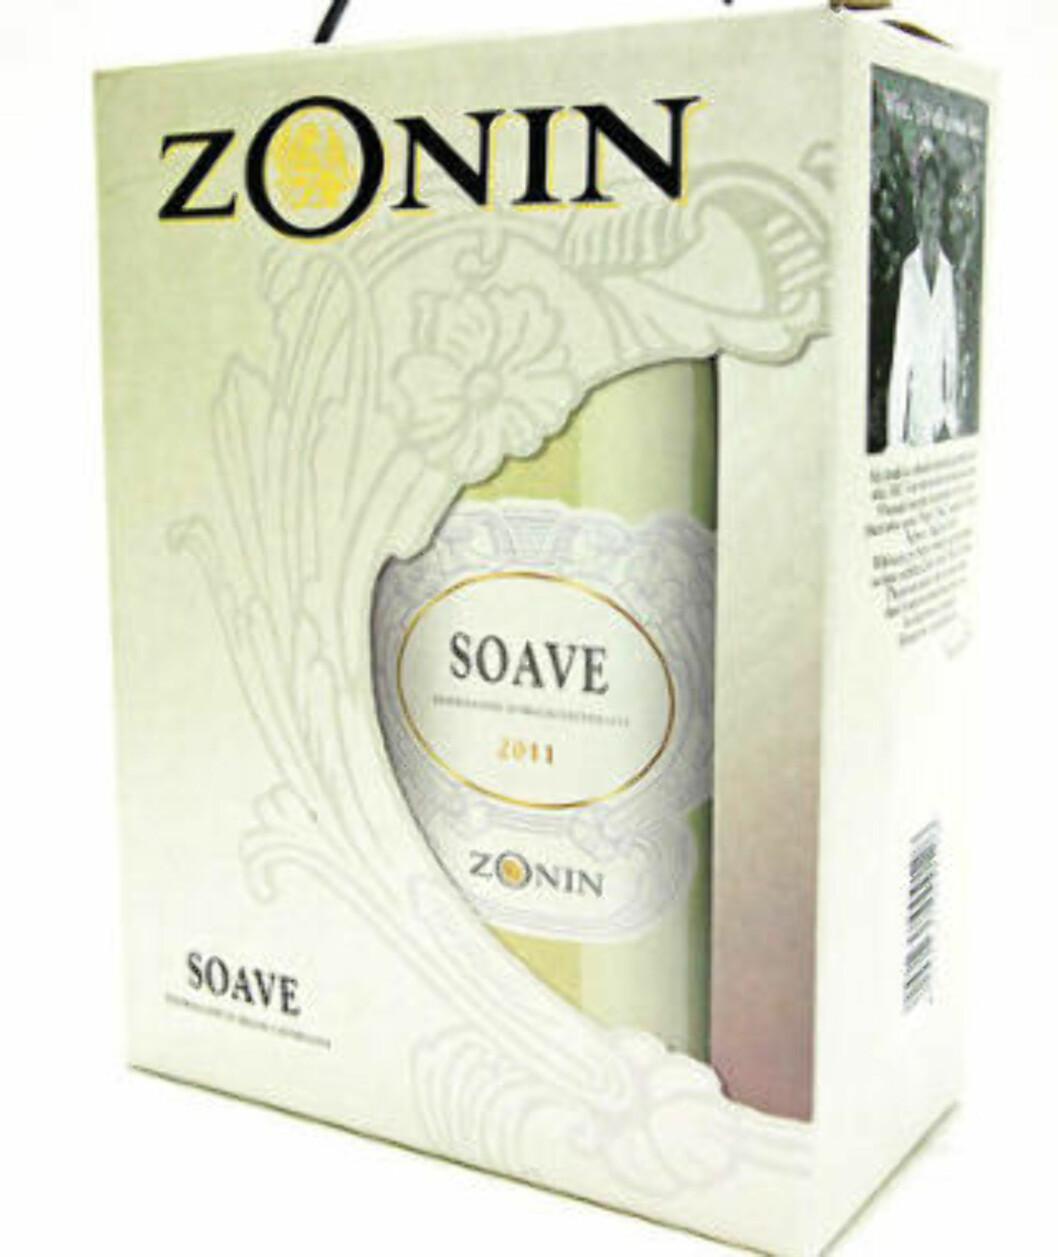 <strong>DÅRLIG KJØP:</strong> Zonin Soave 2011 - vær så snill å ikke la dette bli en bestselger, ber vineksperten.